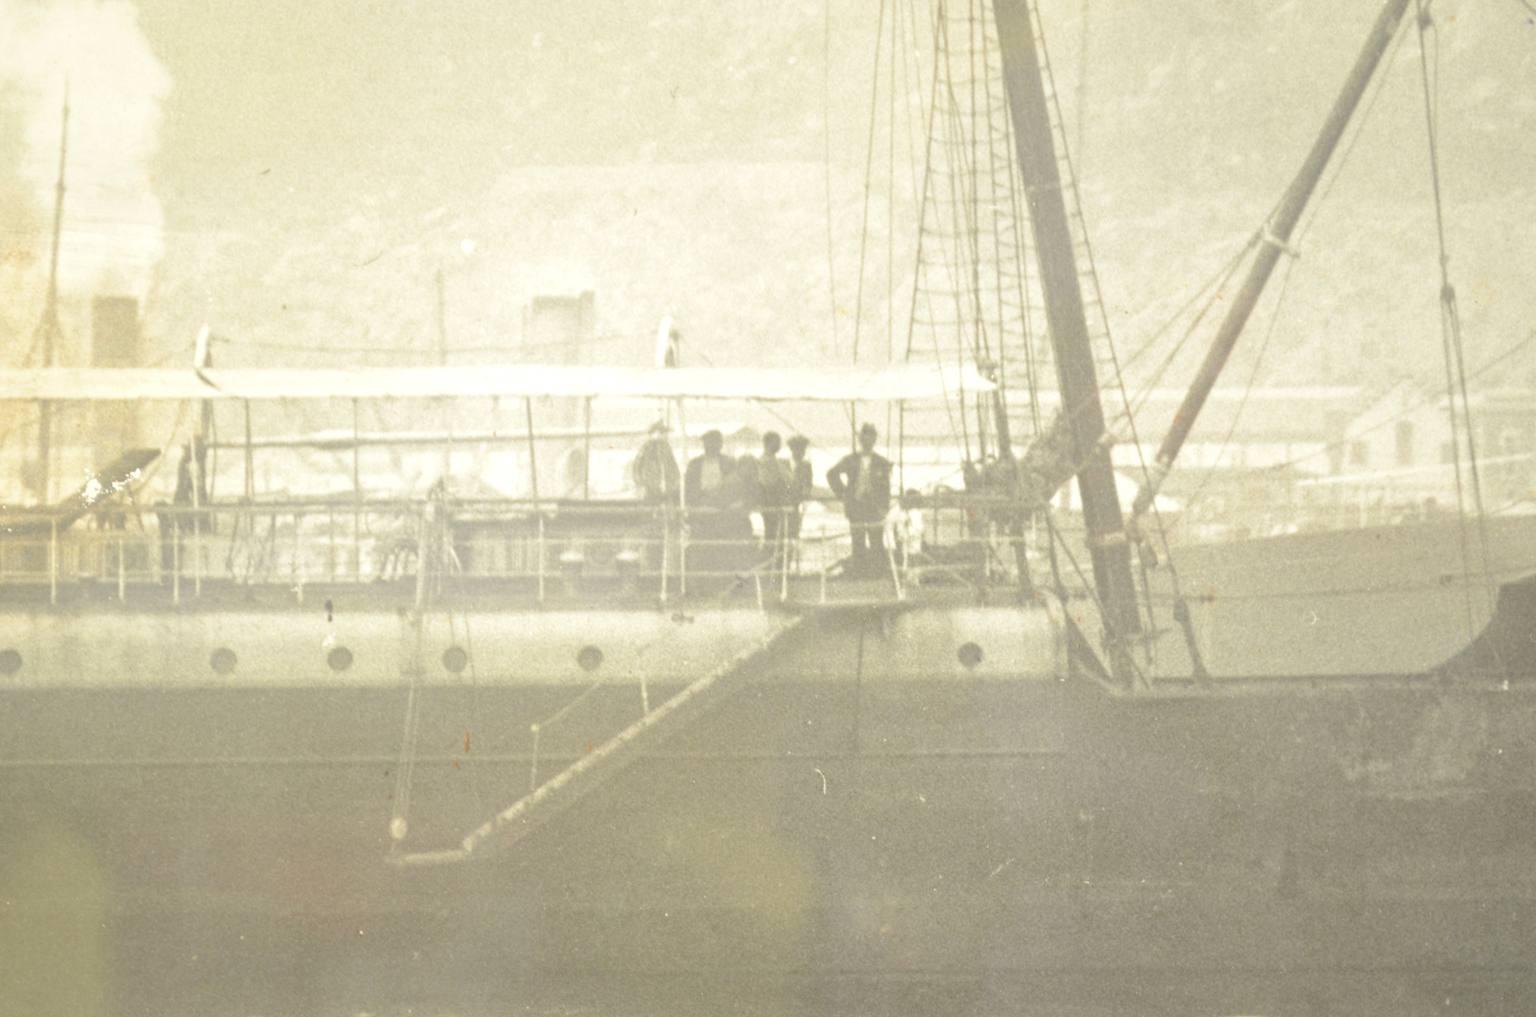 航海类古董/6035-大黑白历史图片